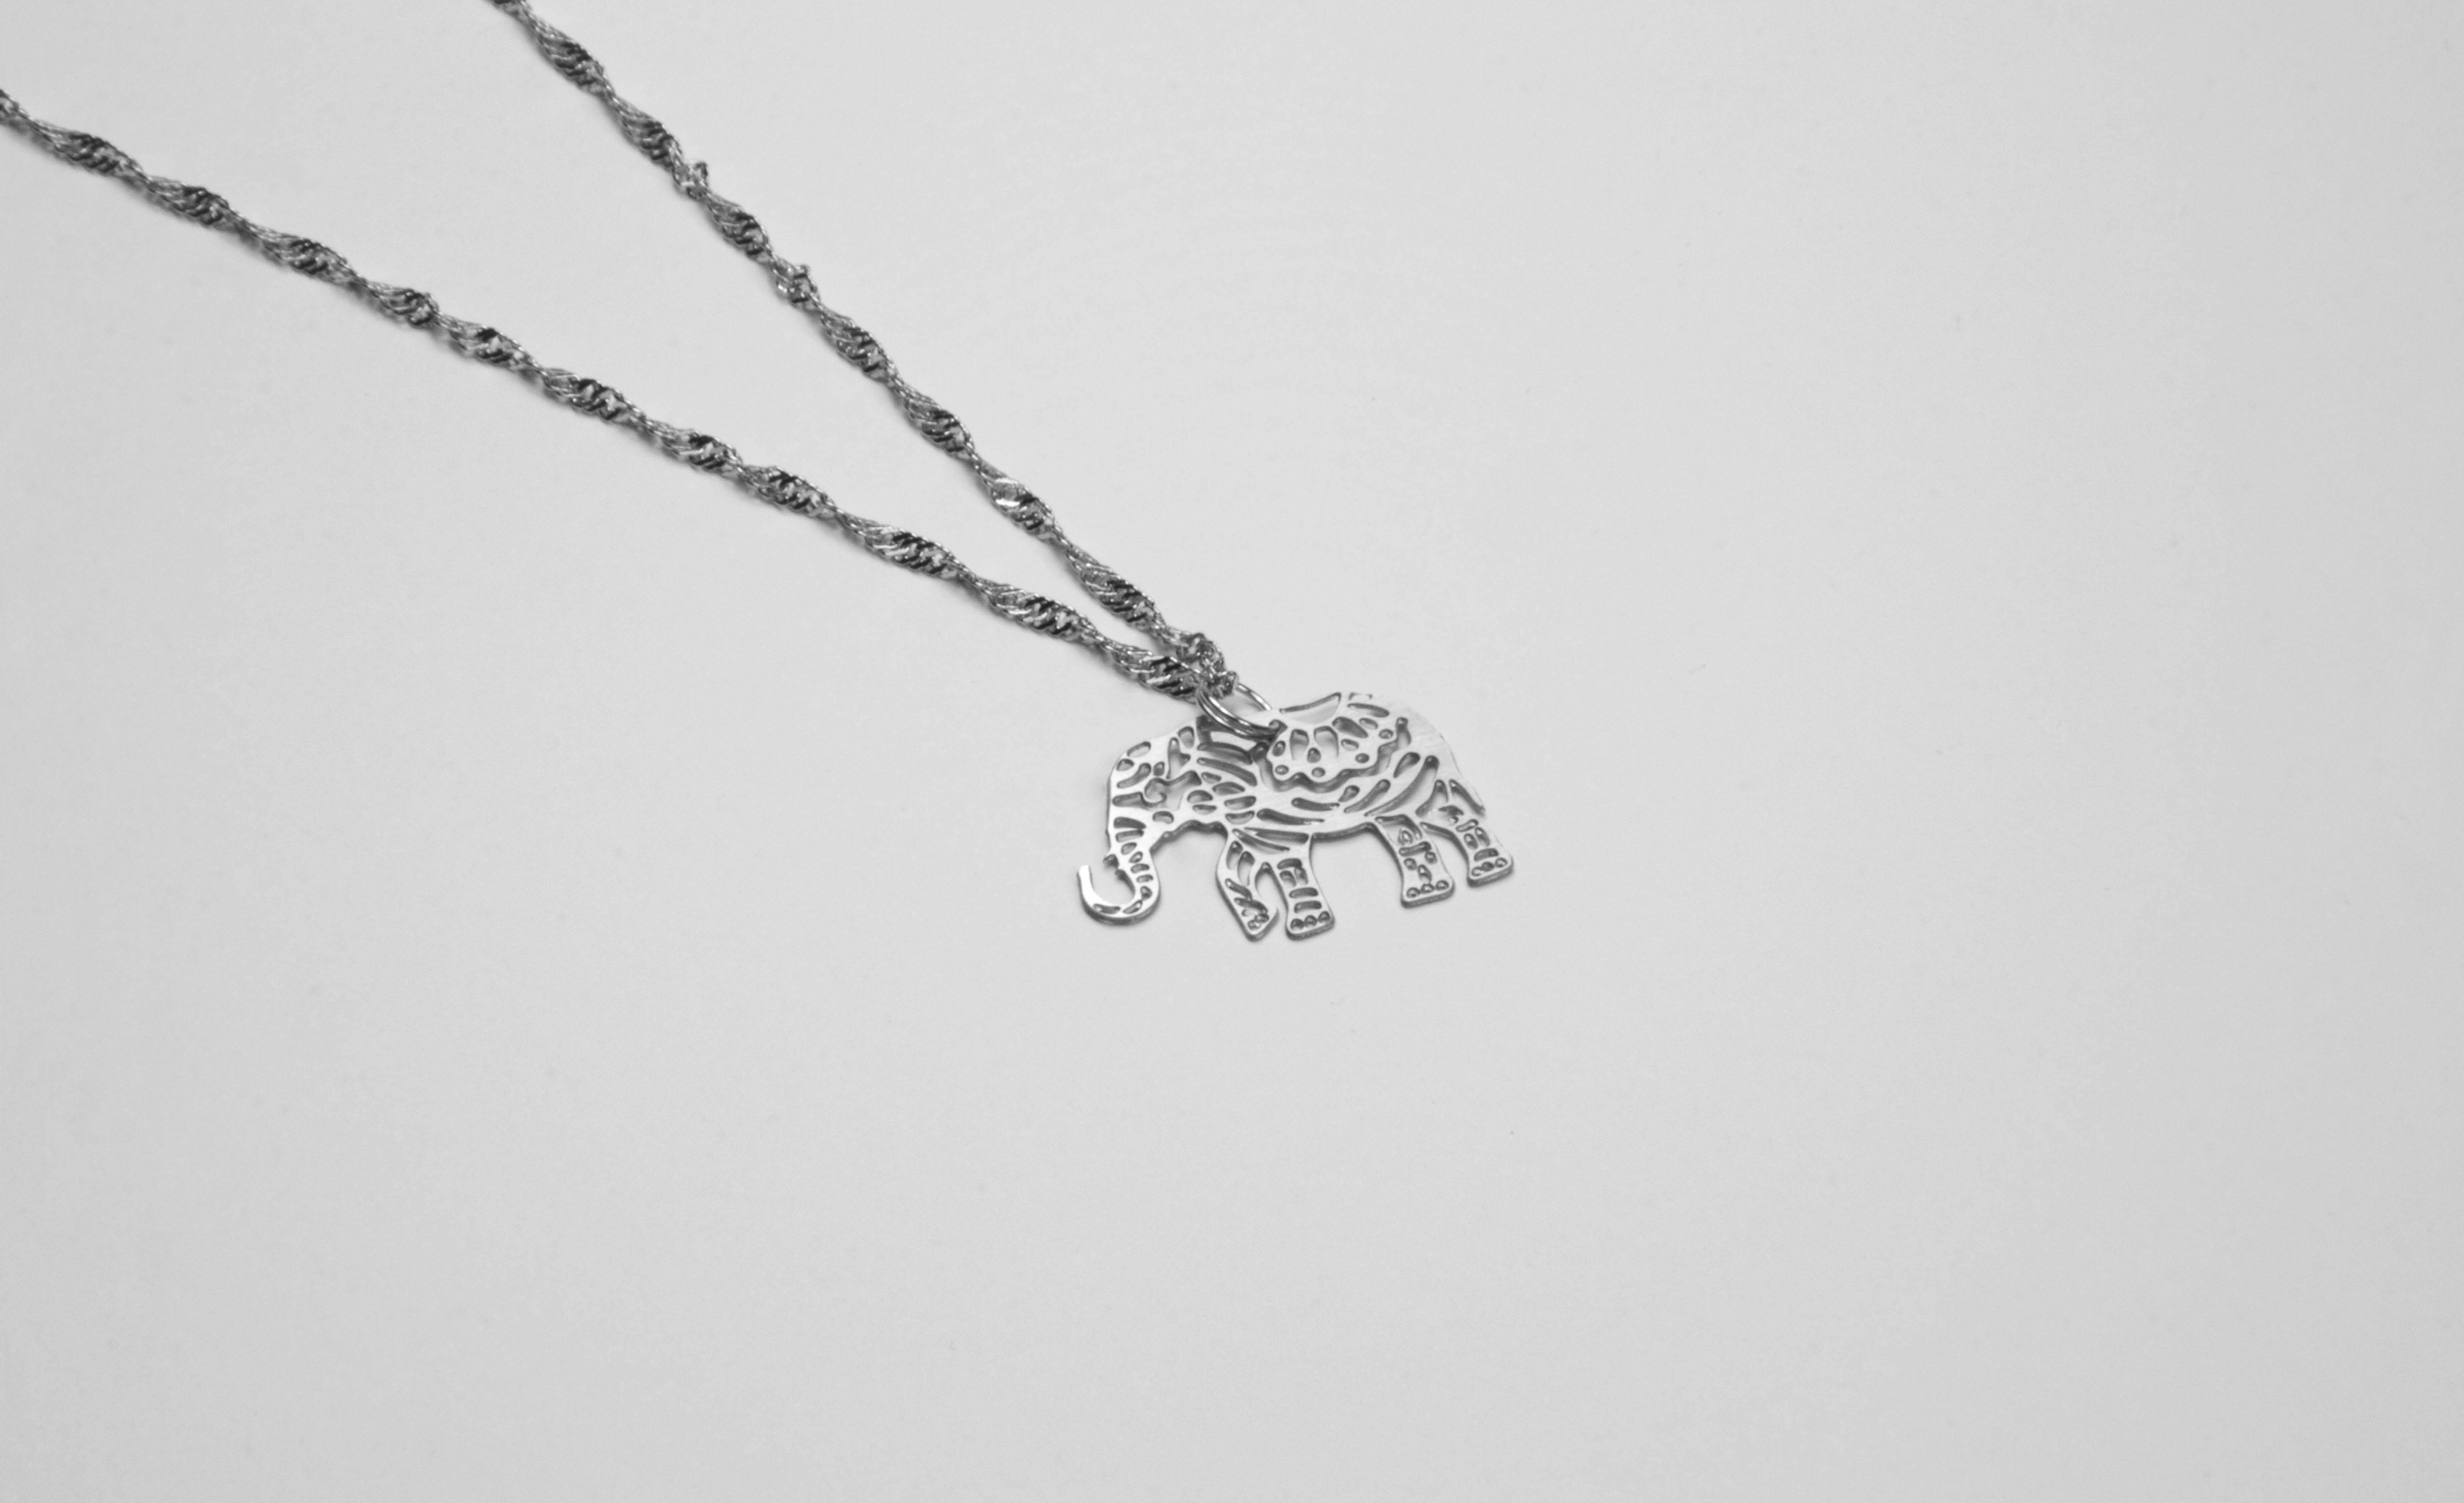 大象項鍊【迷你款】_動物系列_造題